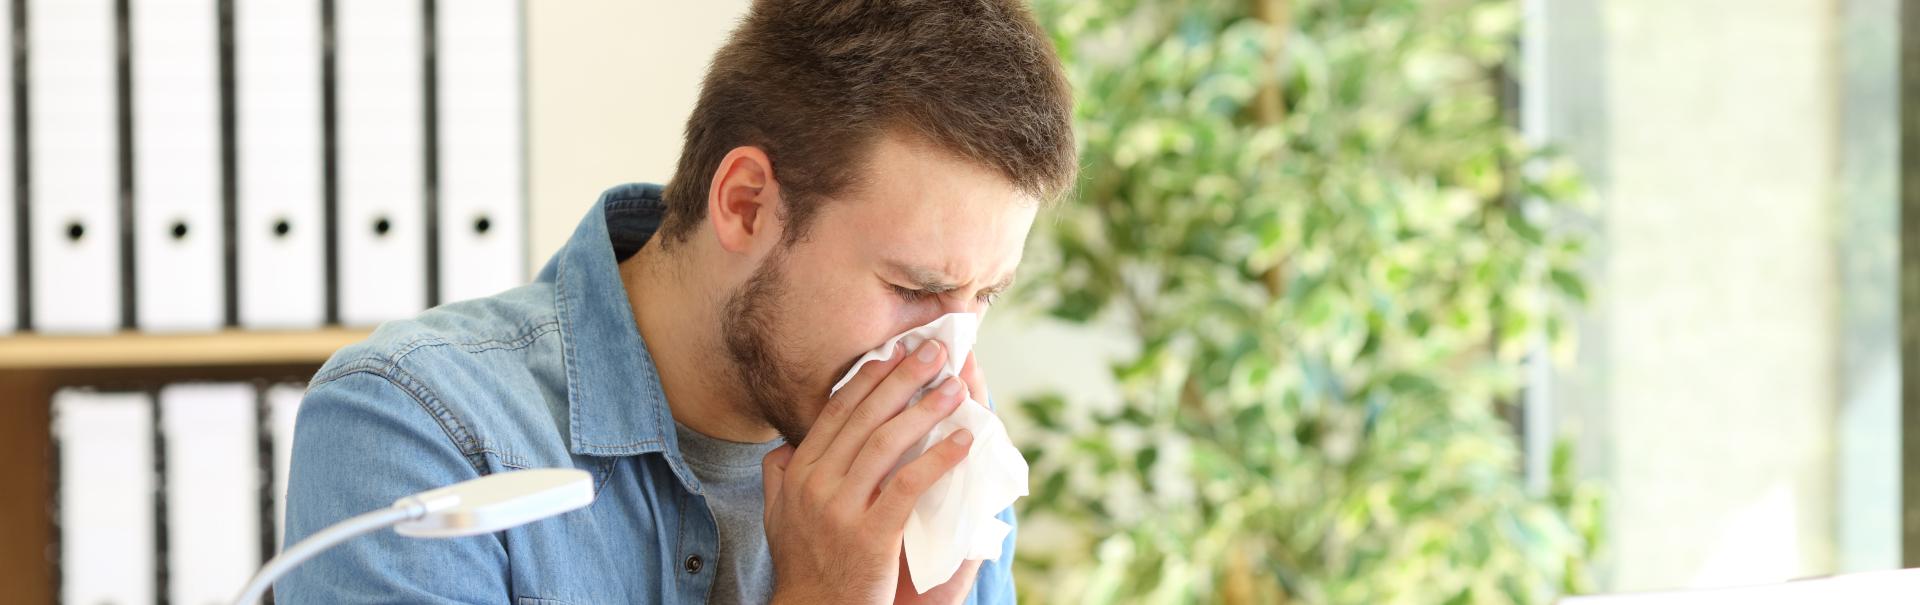 Die Arbeitsunfähigkeitsbescheinigung: So melden Sie sich richtig krank